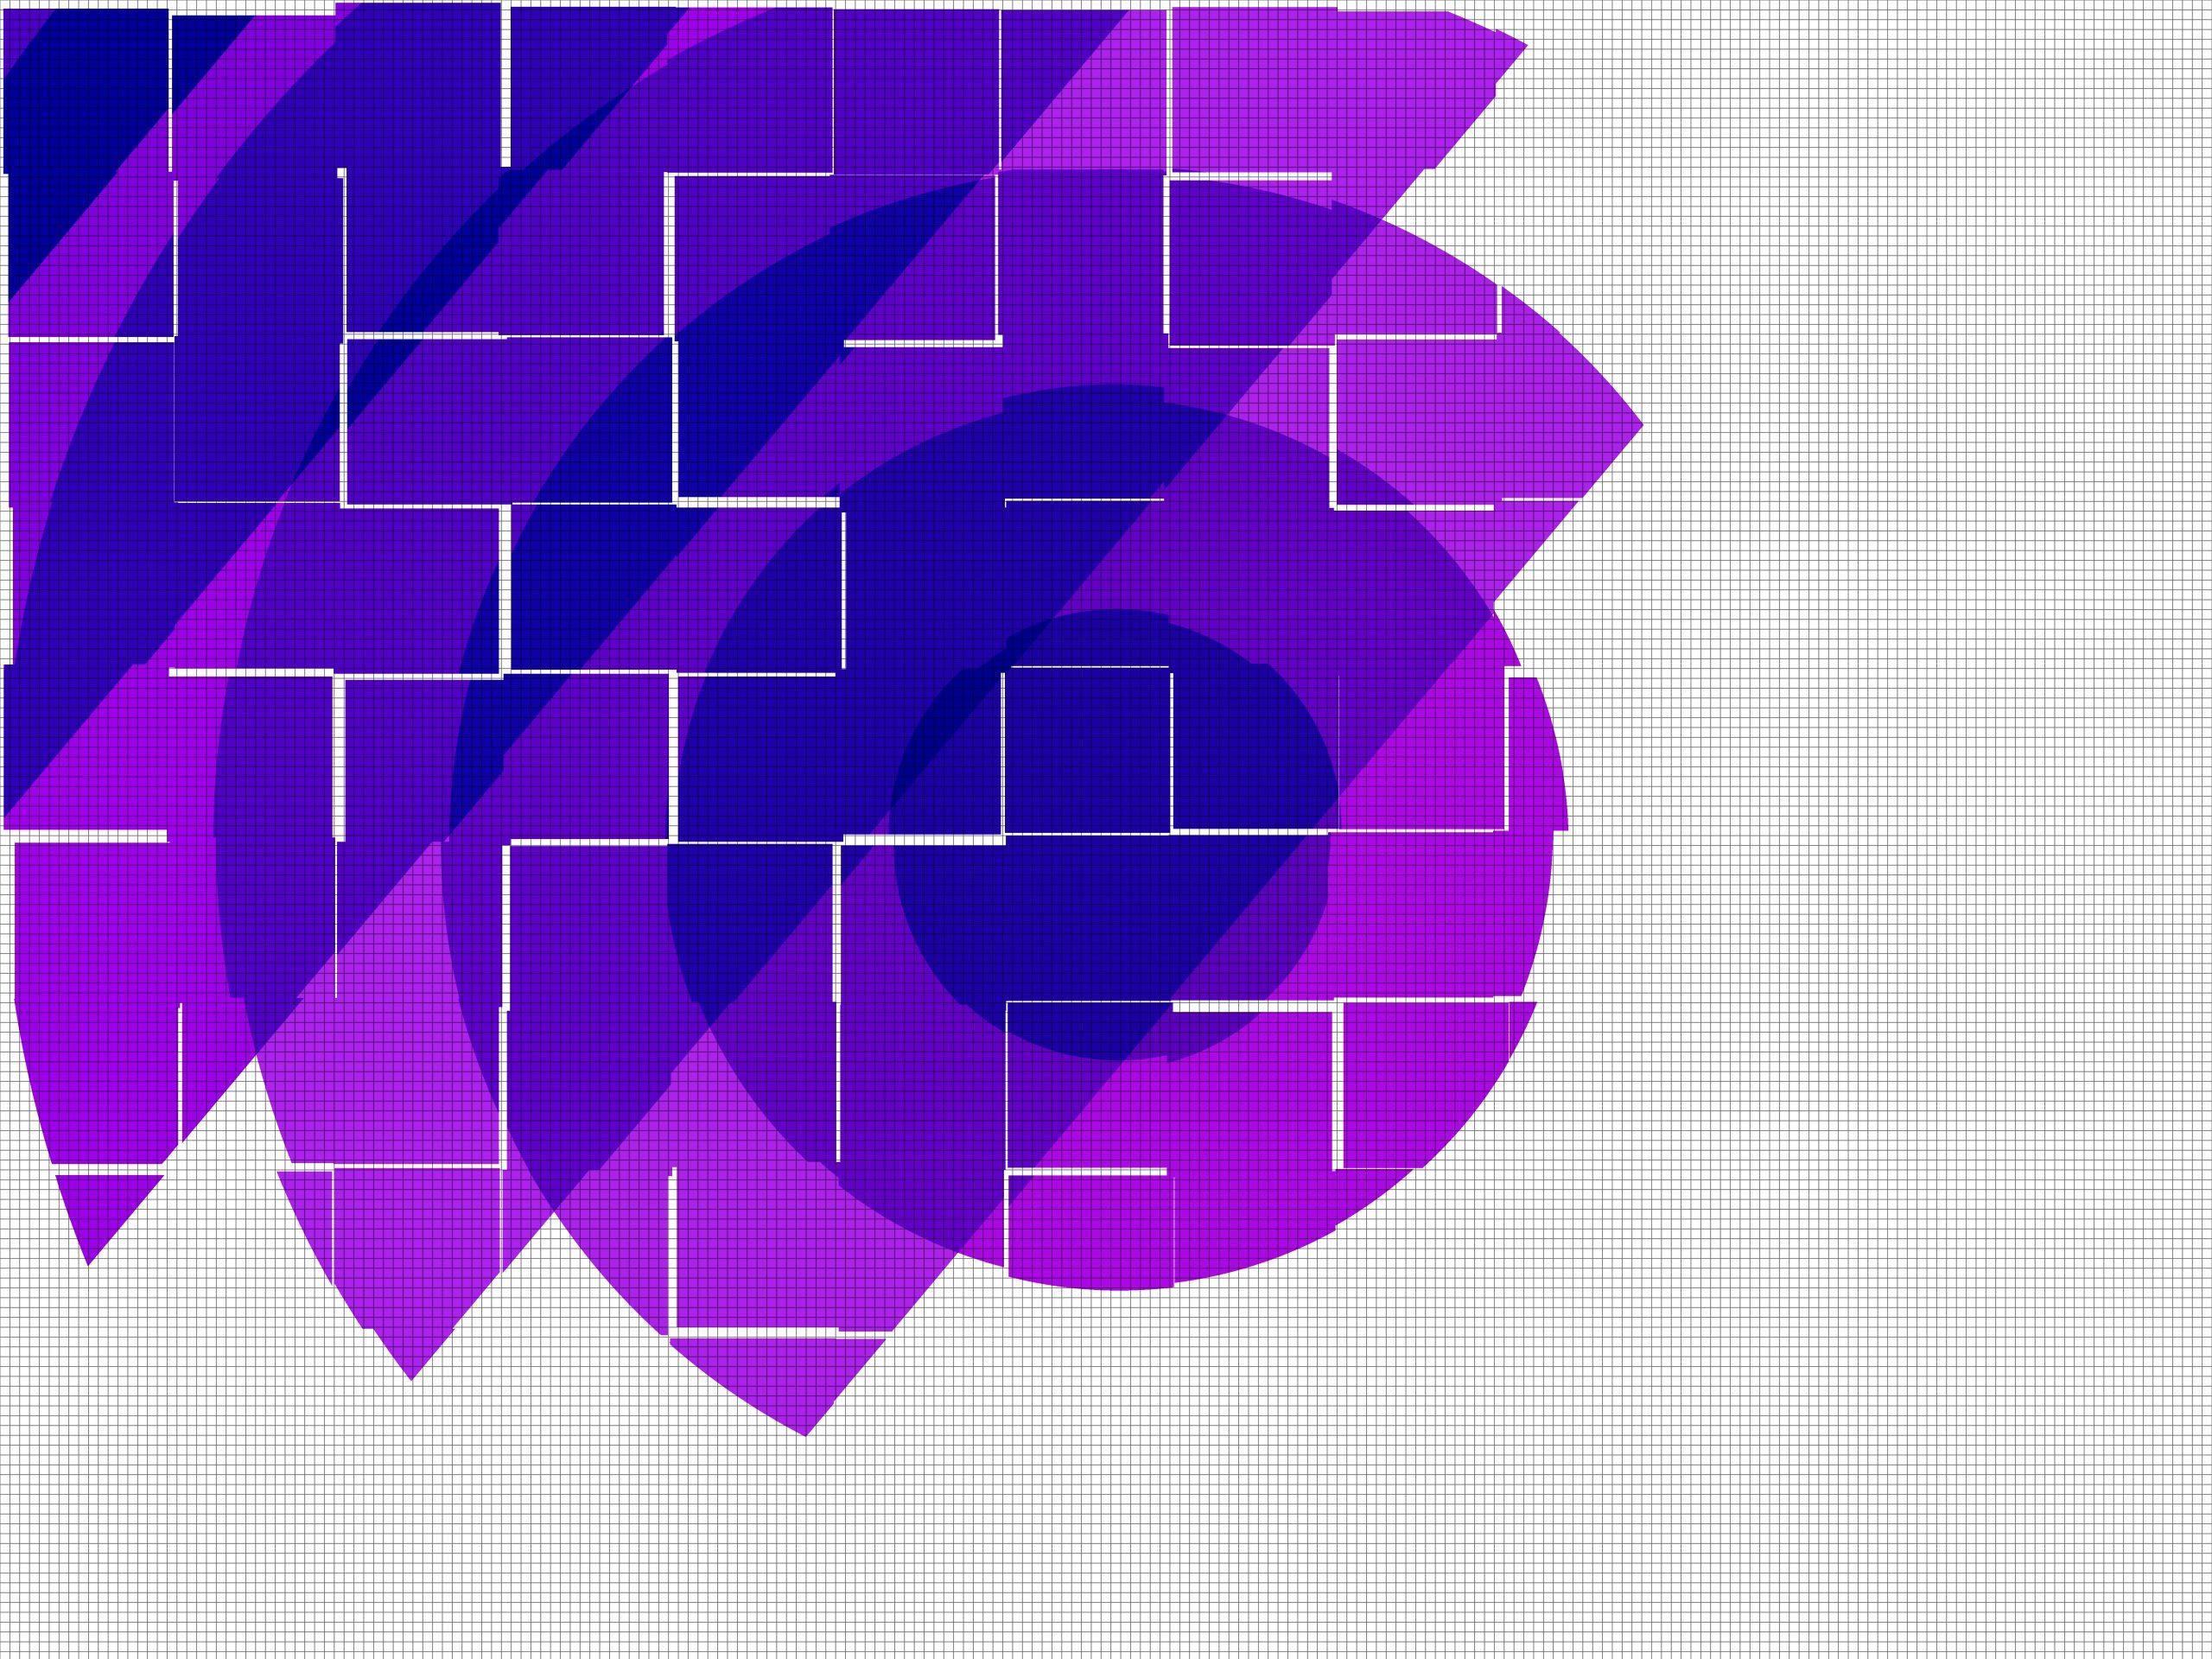 A design illustration